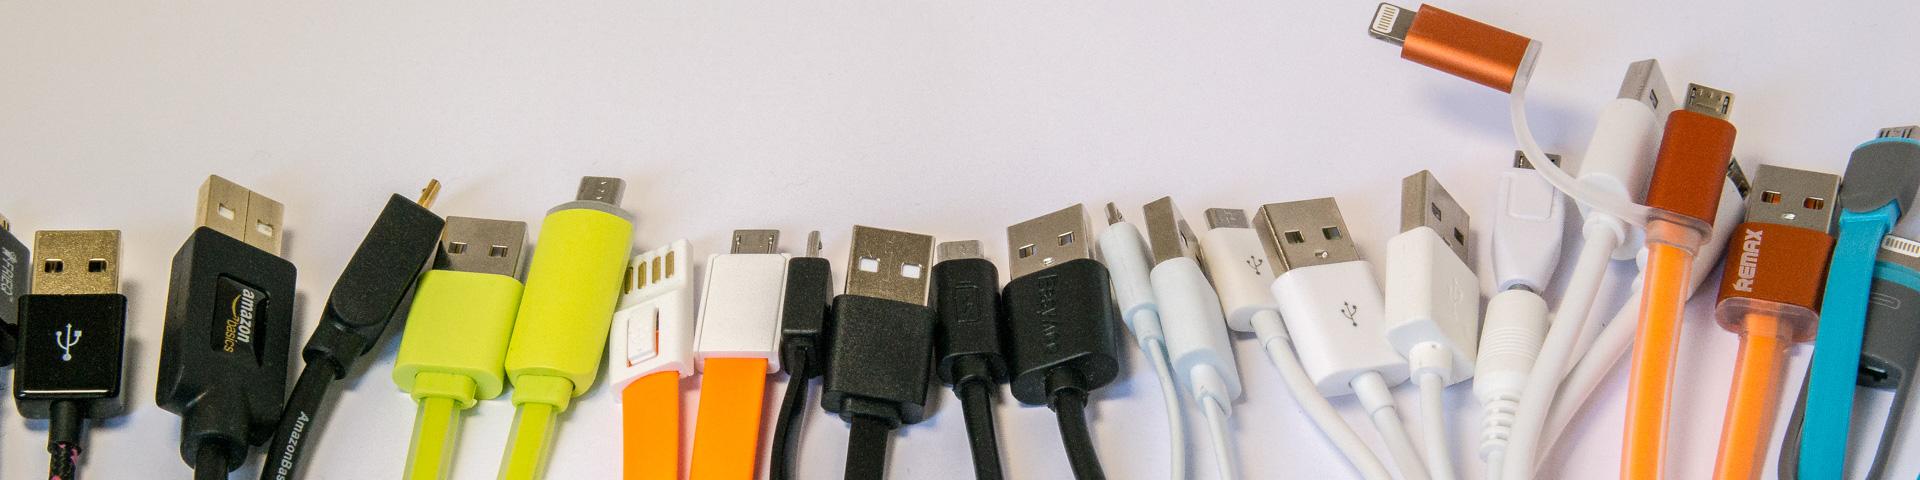 Das Kabel macht den Unterschied Micro USB Kabel im Test ...